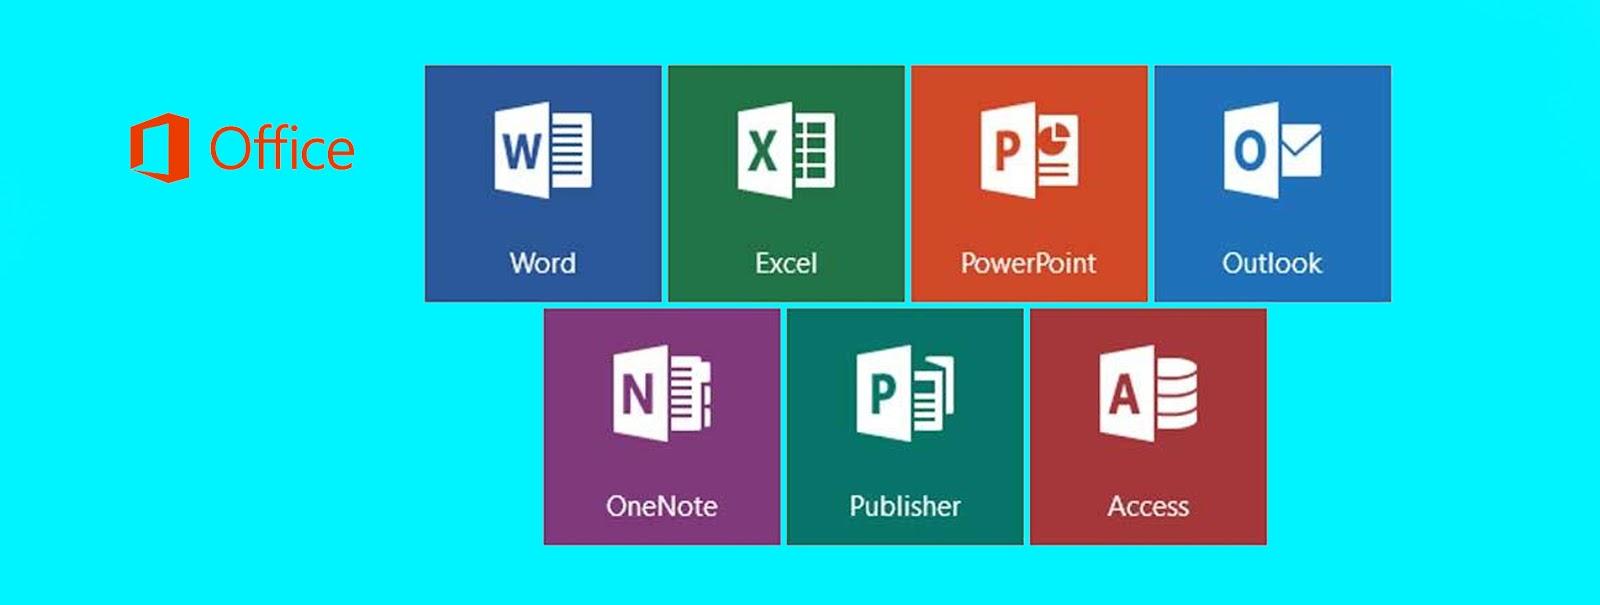 Lambang Microsoft Software paling banyak di bajak